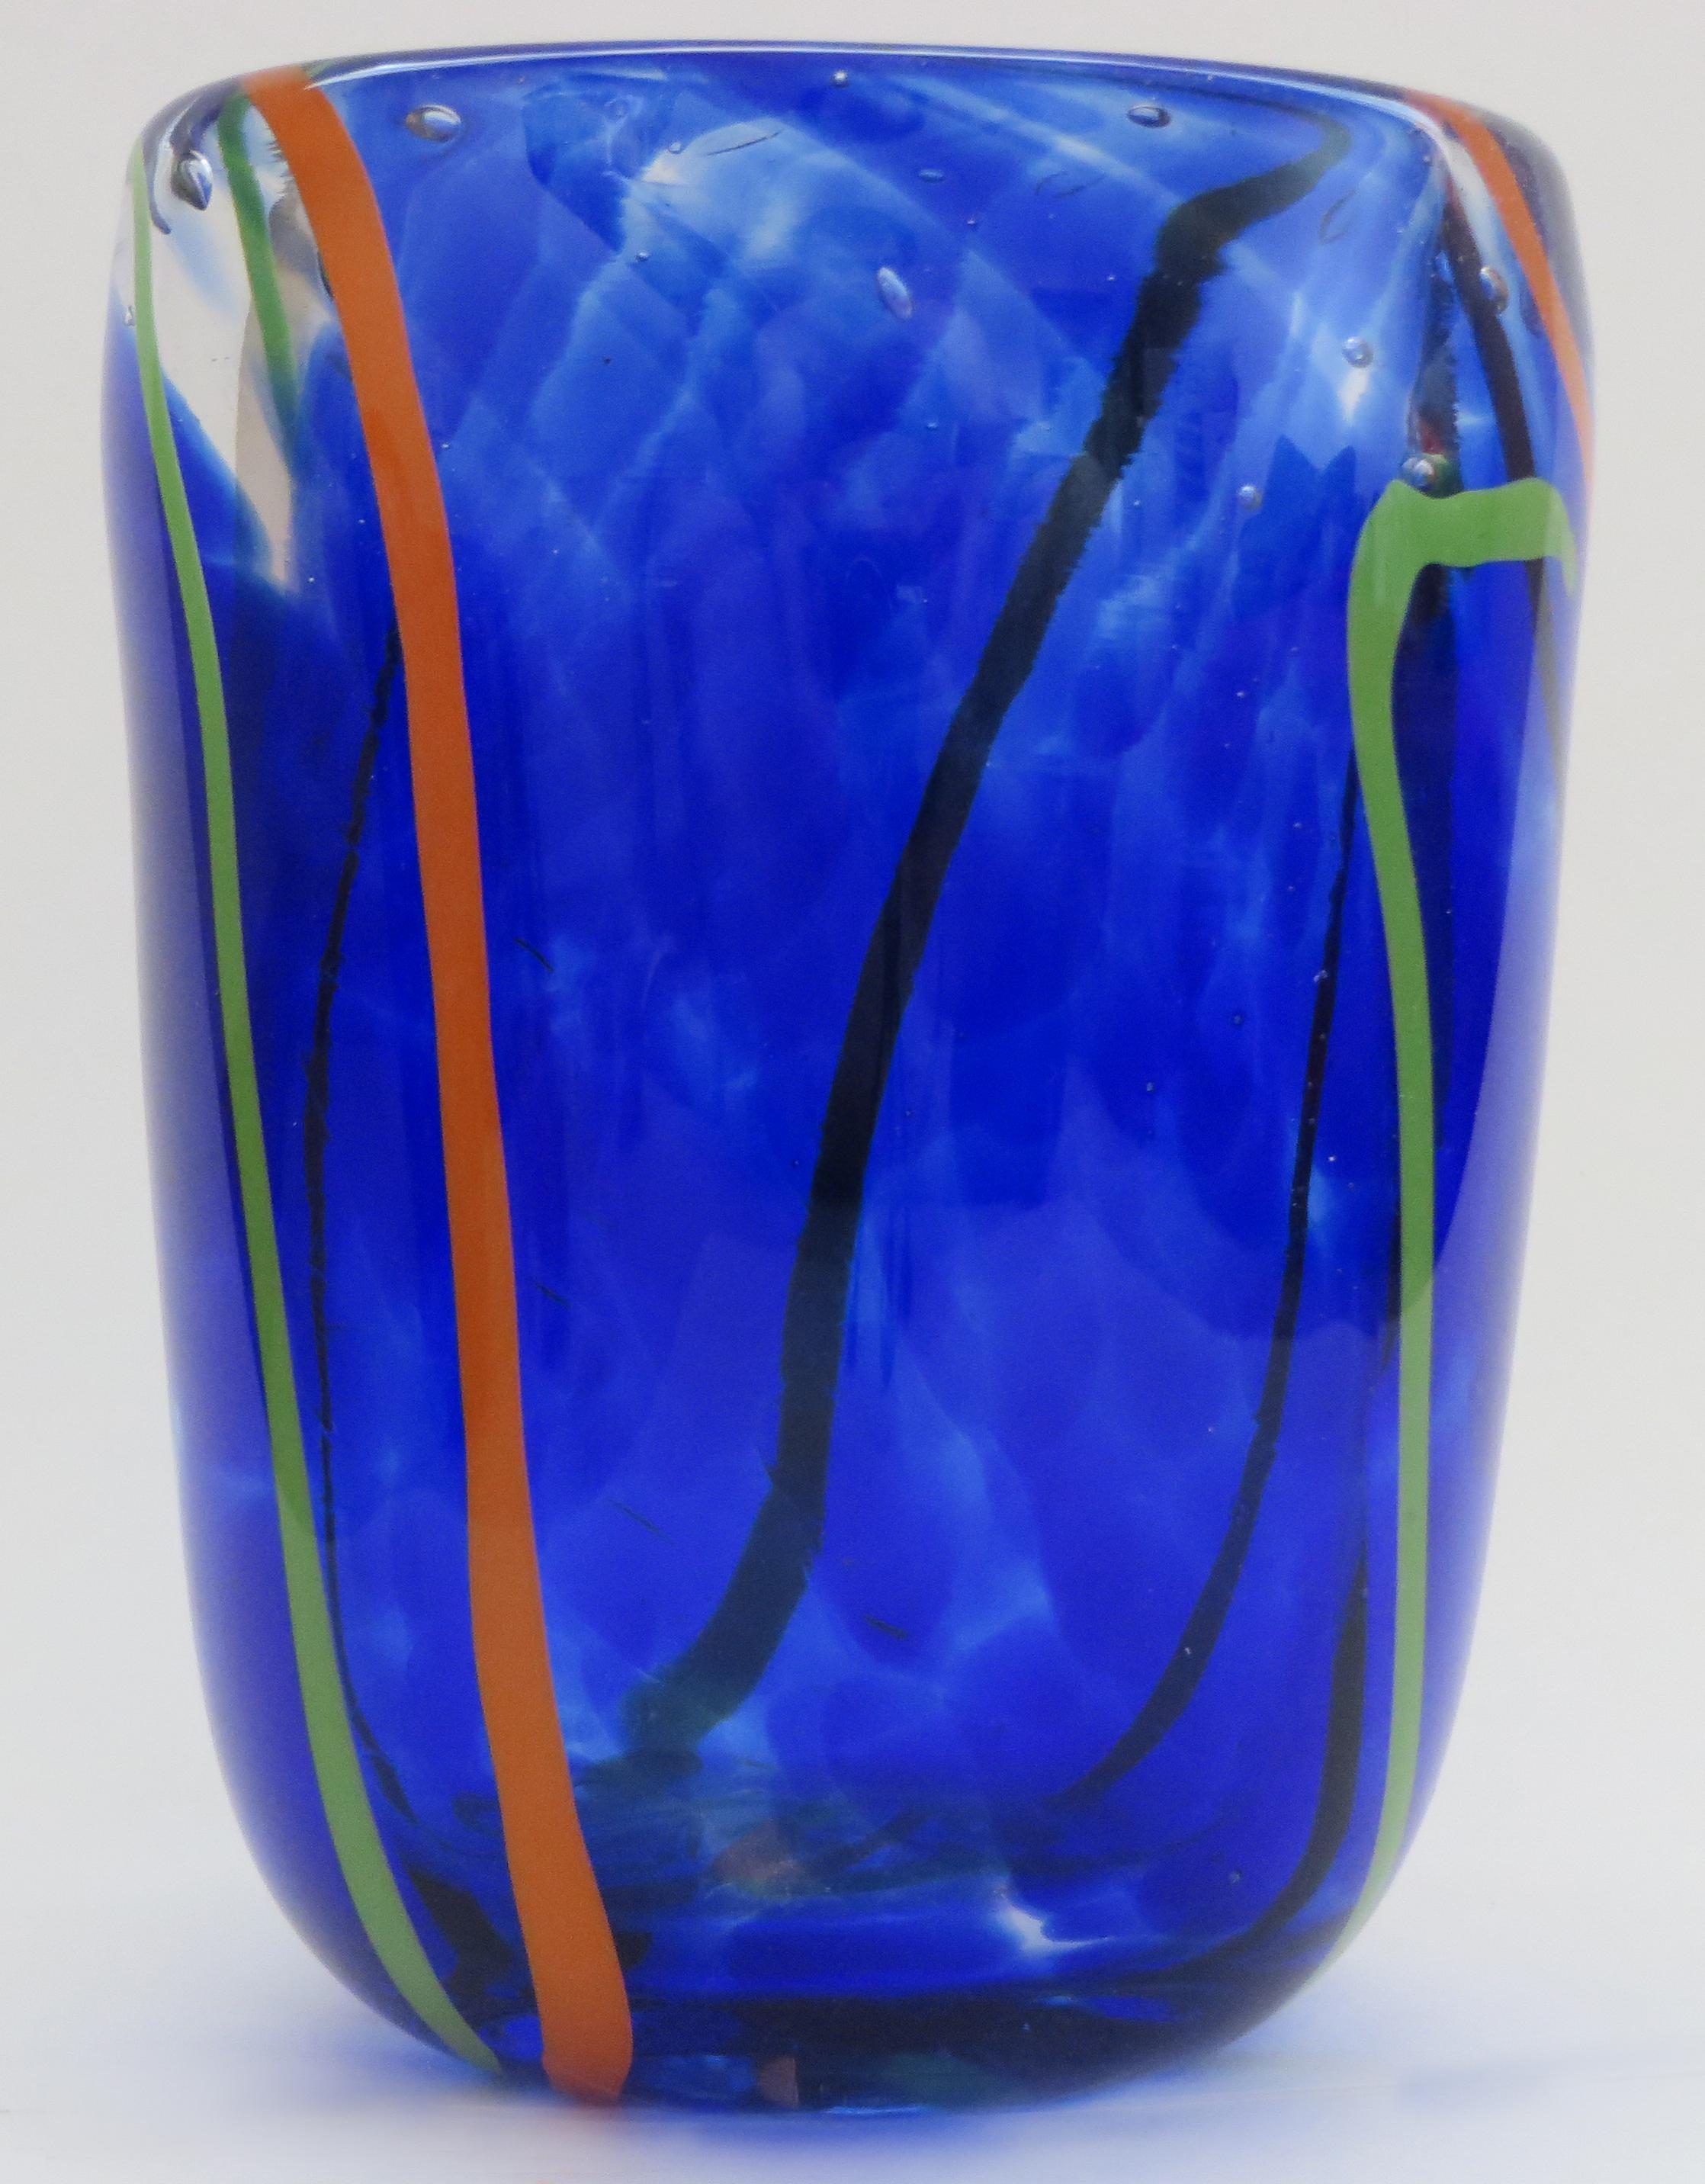 vase5b.jpg